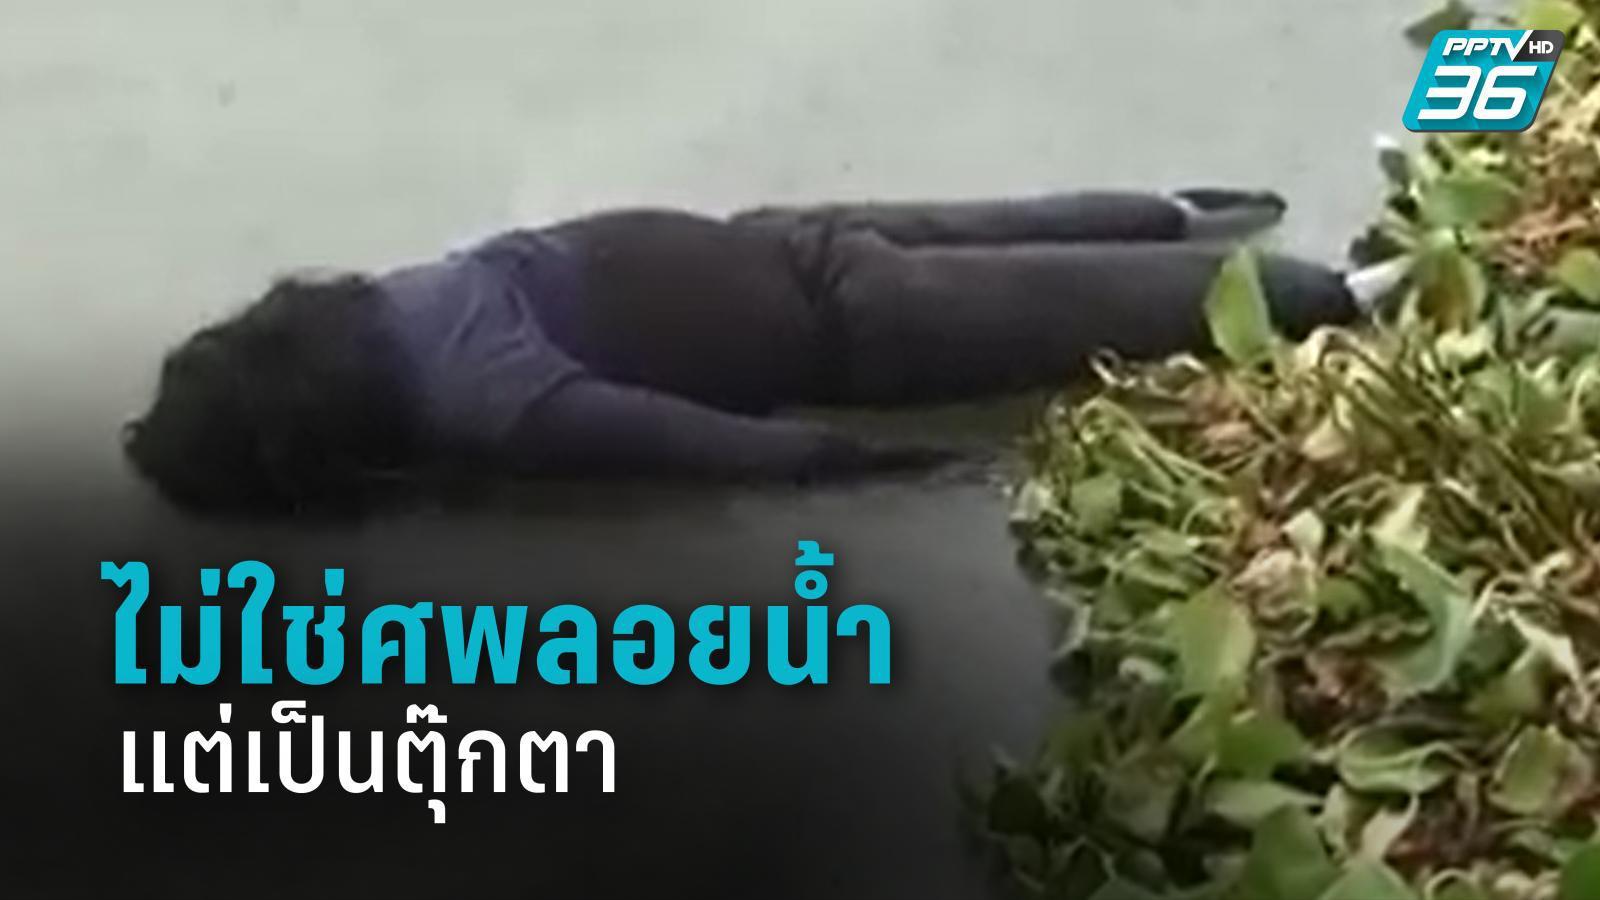 ชาวบ้านผวา พบศพลอยน้ำ โร่แจ้งกู้ภัย ตรวจสอบไม่ใช่คนตาย แต่เป็นตุ๊กตาลอยน้ำ